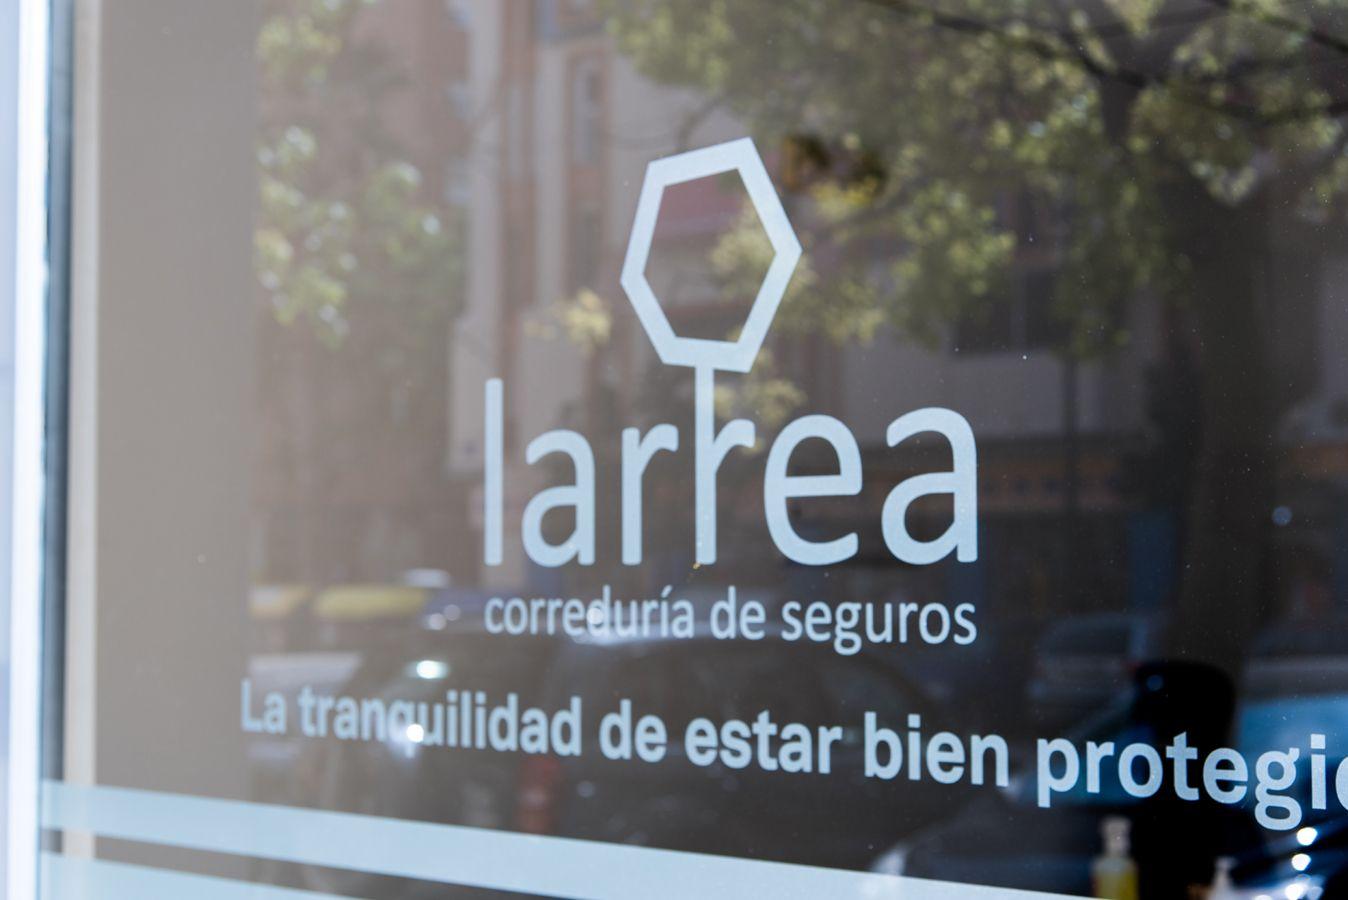 Correduría de seguros en Zaragoza